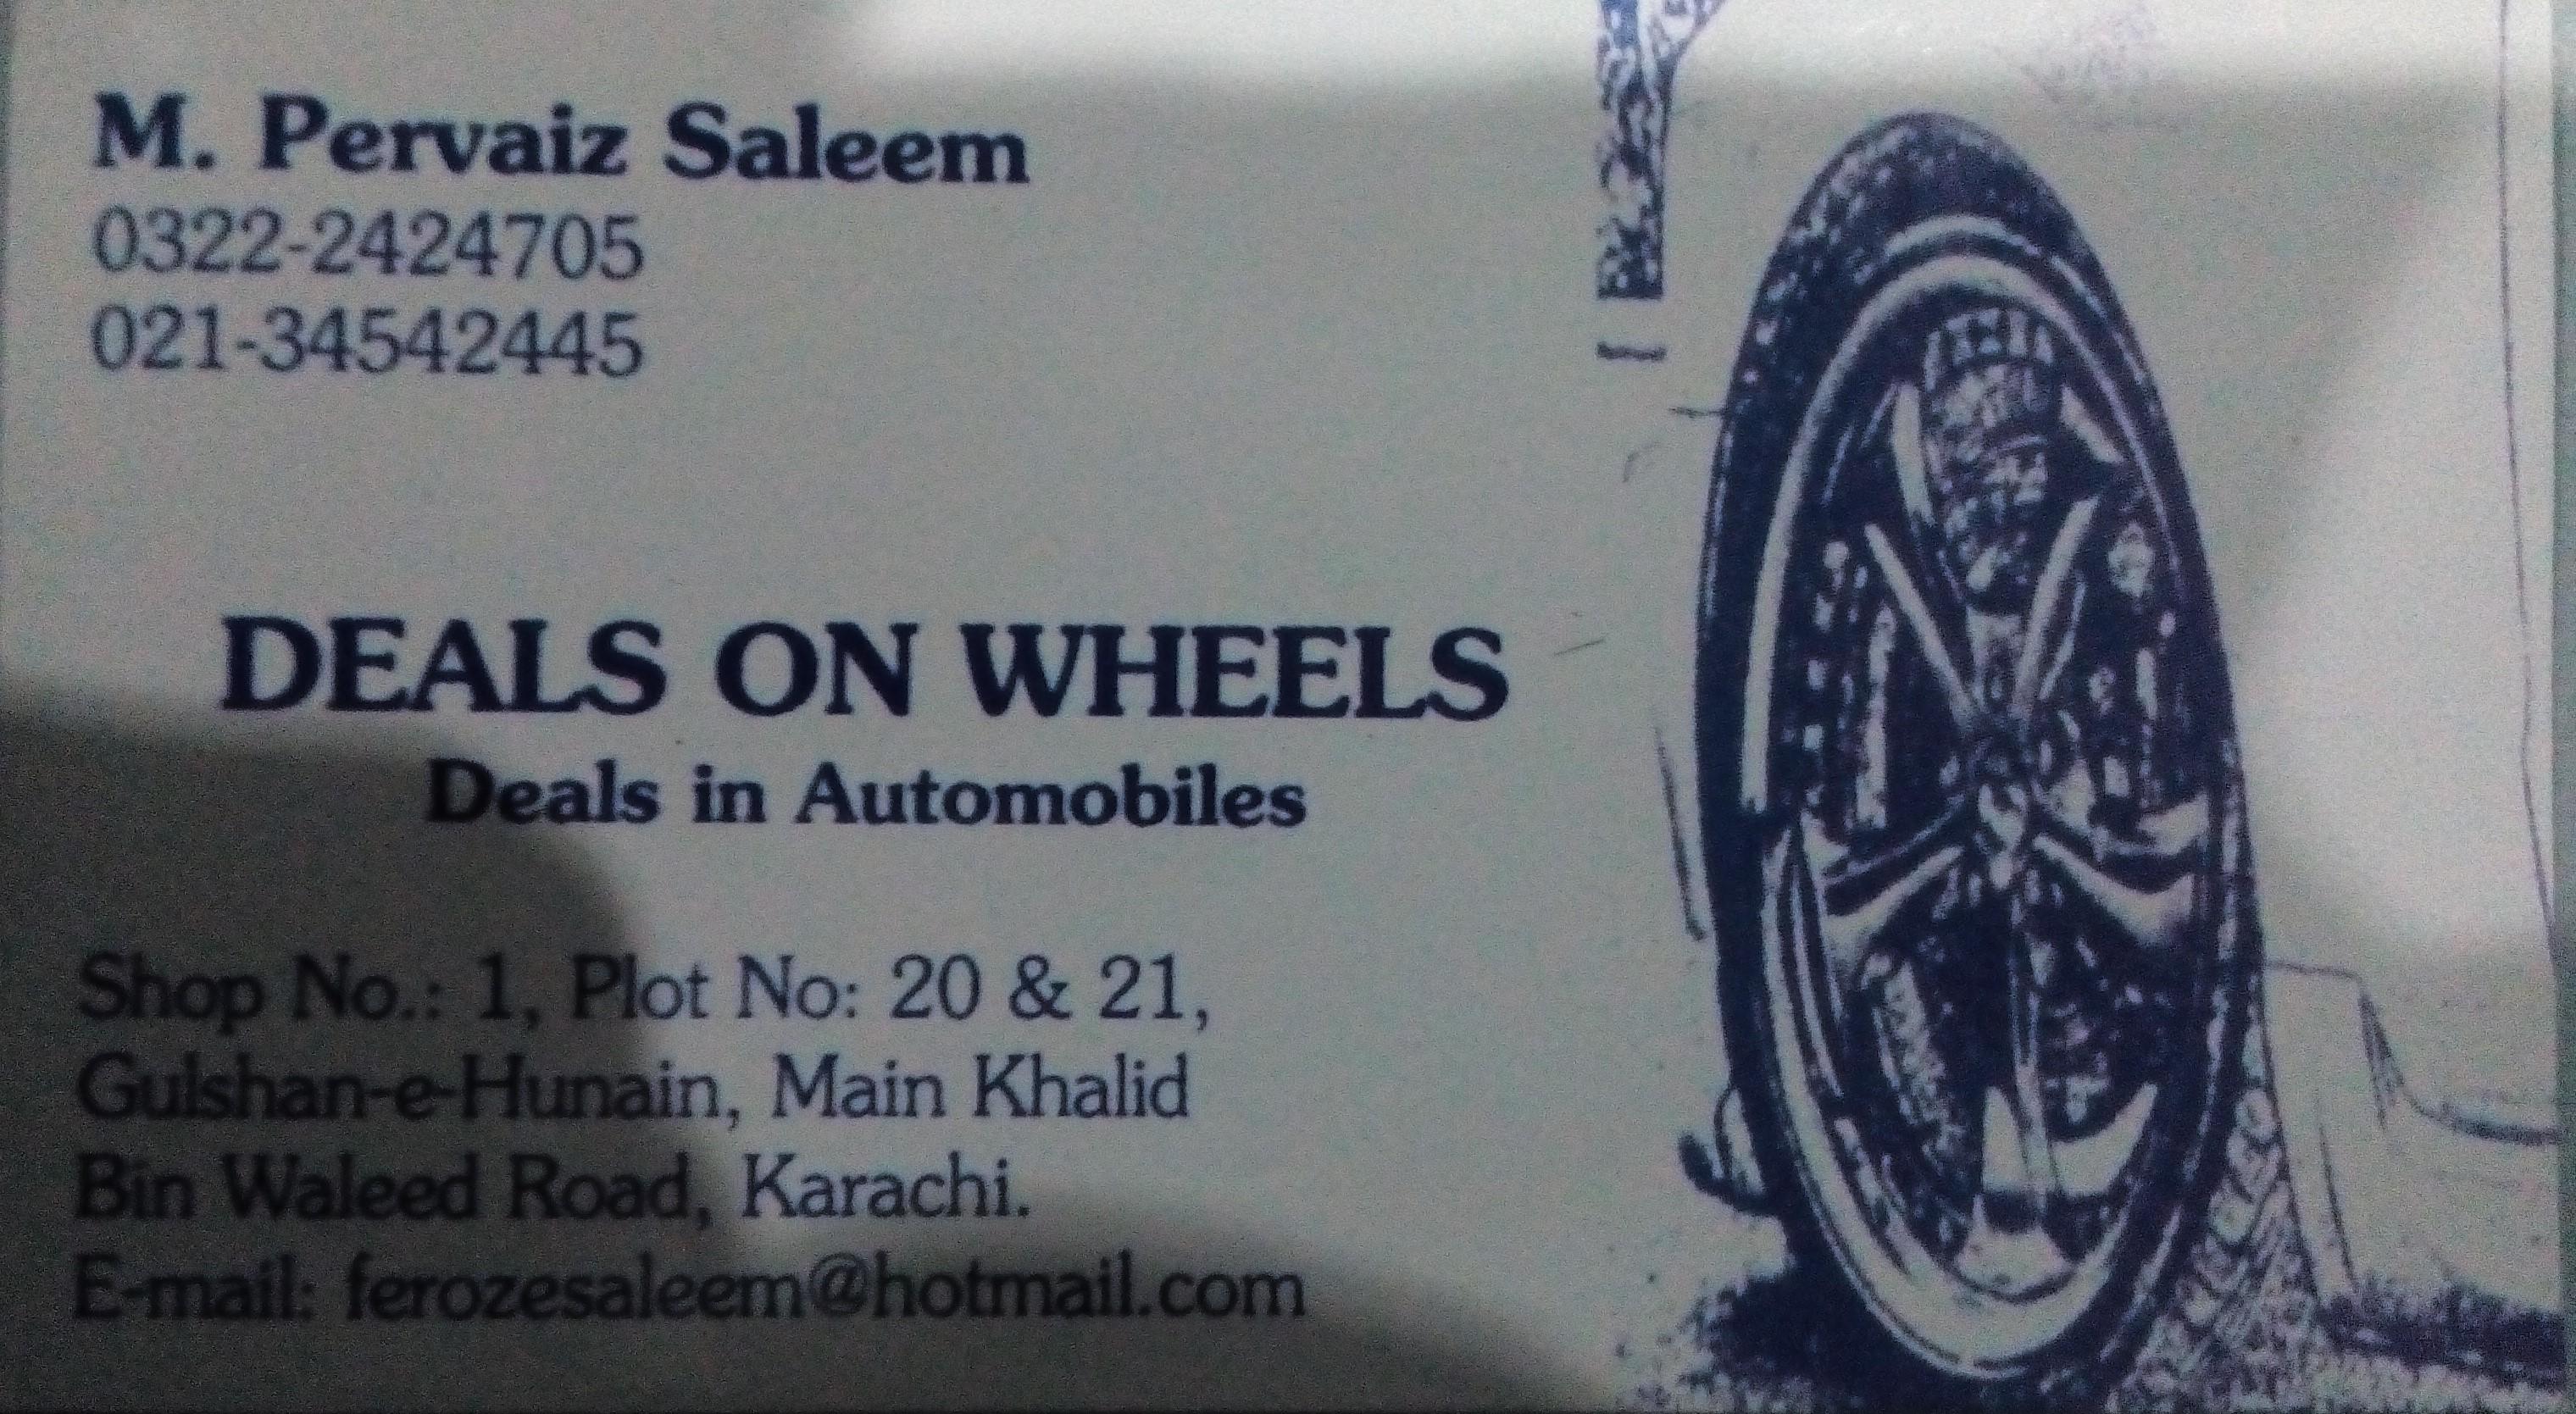 Deals On Wheels Used Car Dealer in Karachi | PakWheels